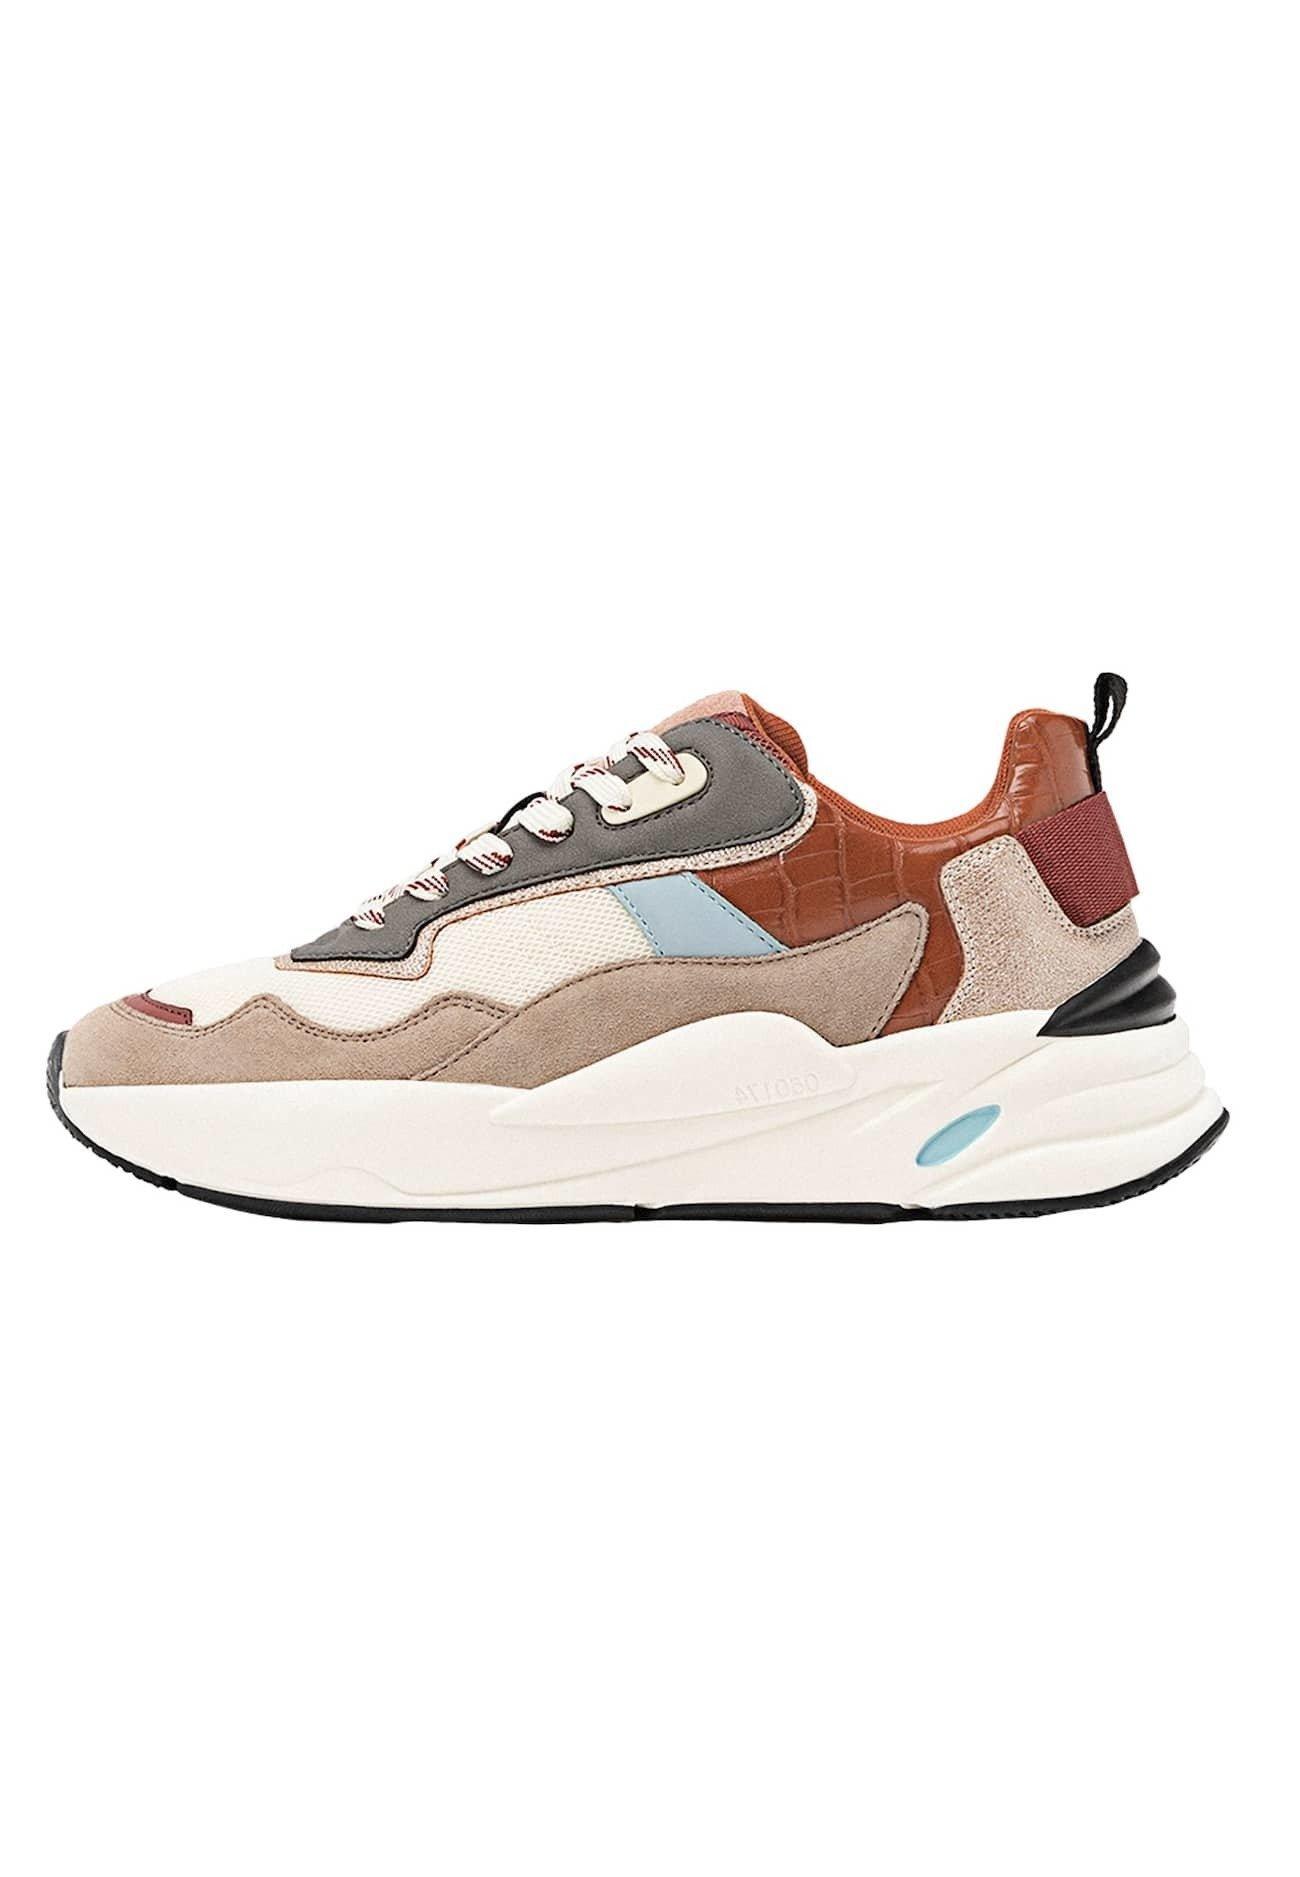 MIT ELEMENTEN IN VERSCHIEDENEN FARBEN Sneakers multi coloured